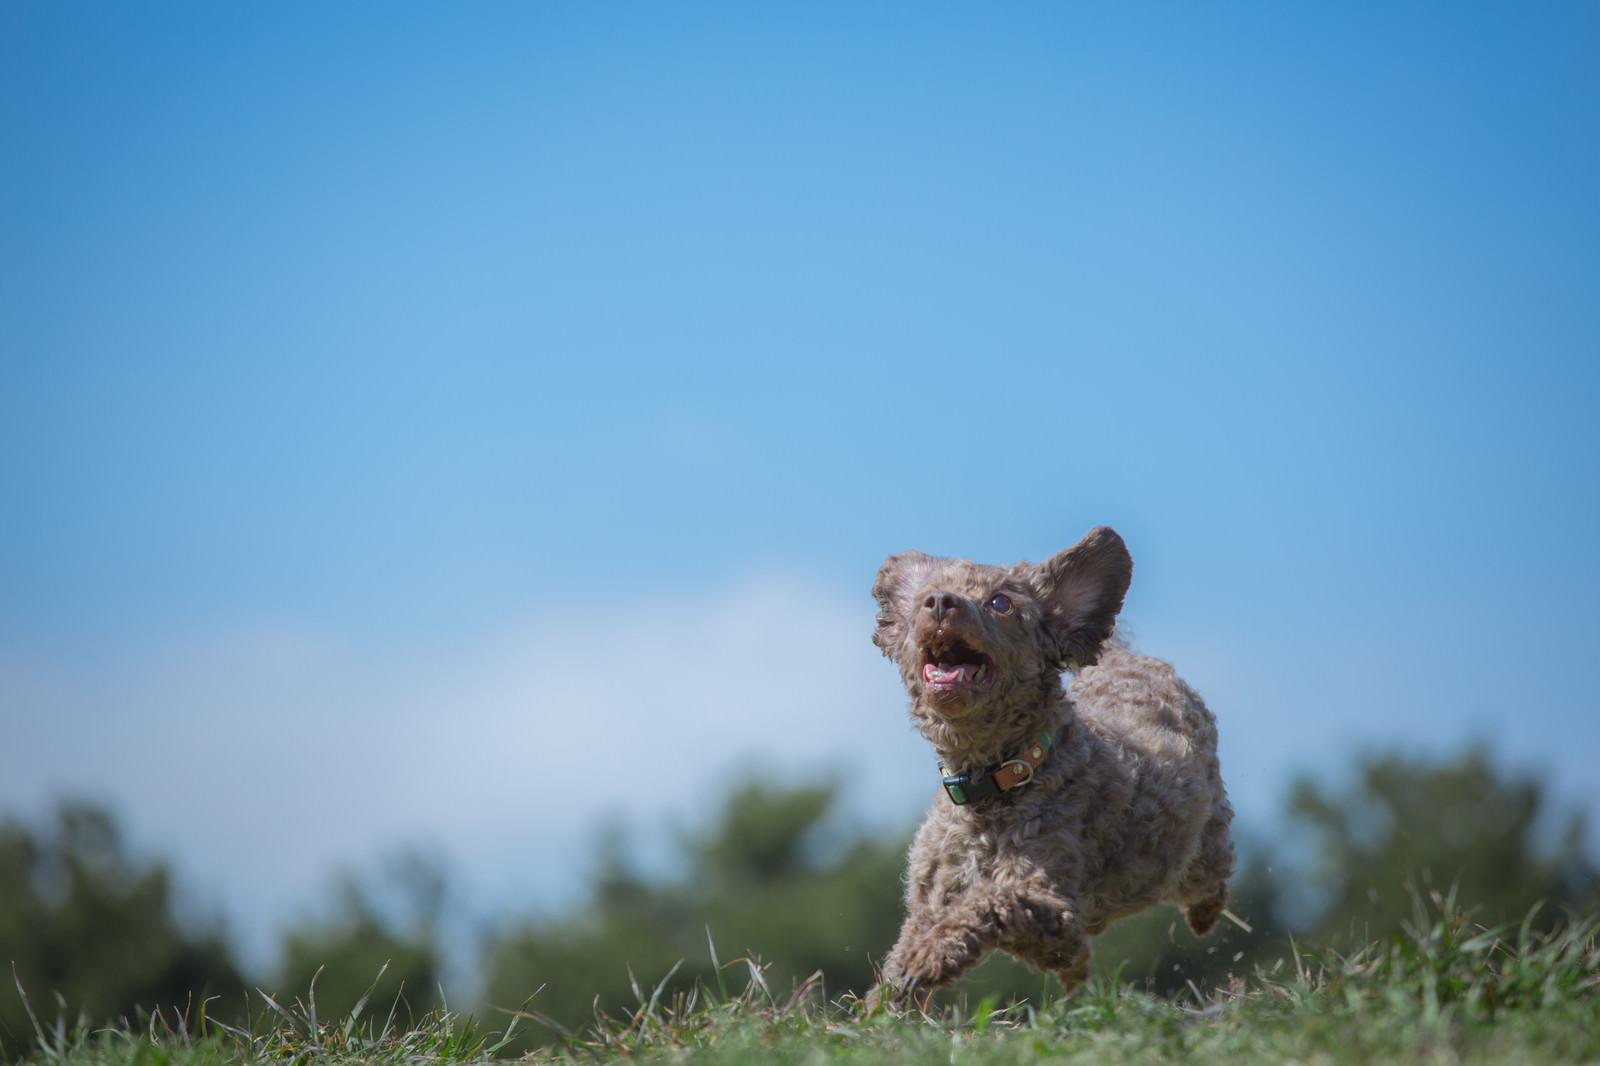 「草原を駆け巡るわんこ」の写真